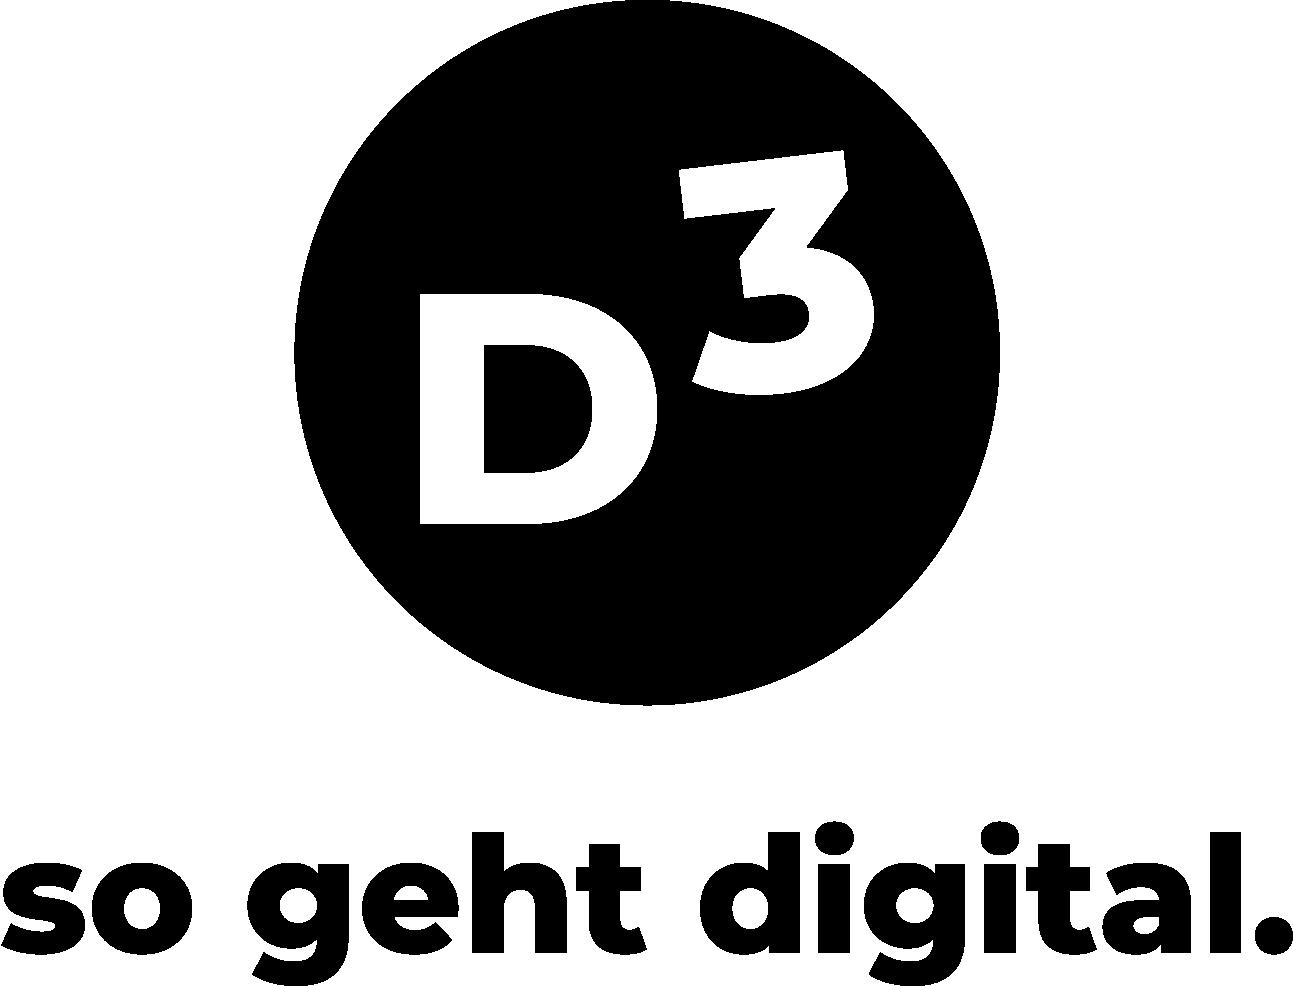 In einem schwarzen Kreis steht D3. Darunter der schriftzug so geht digital. Das ist ein Logo.